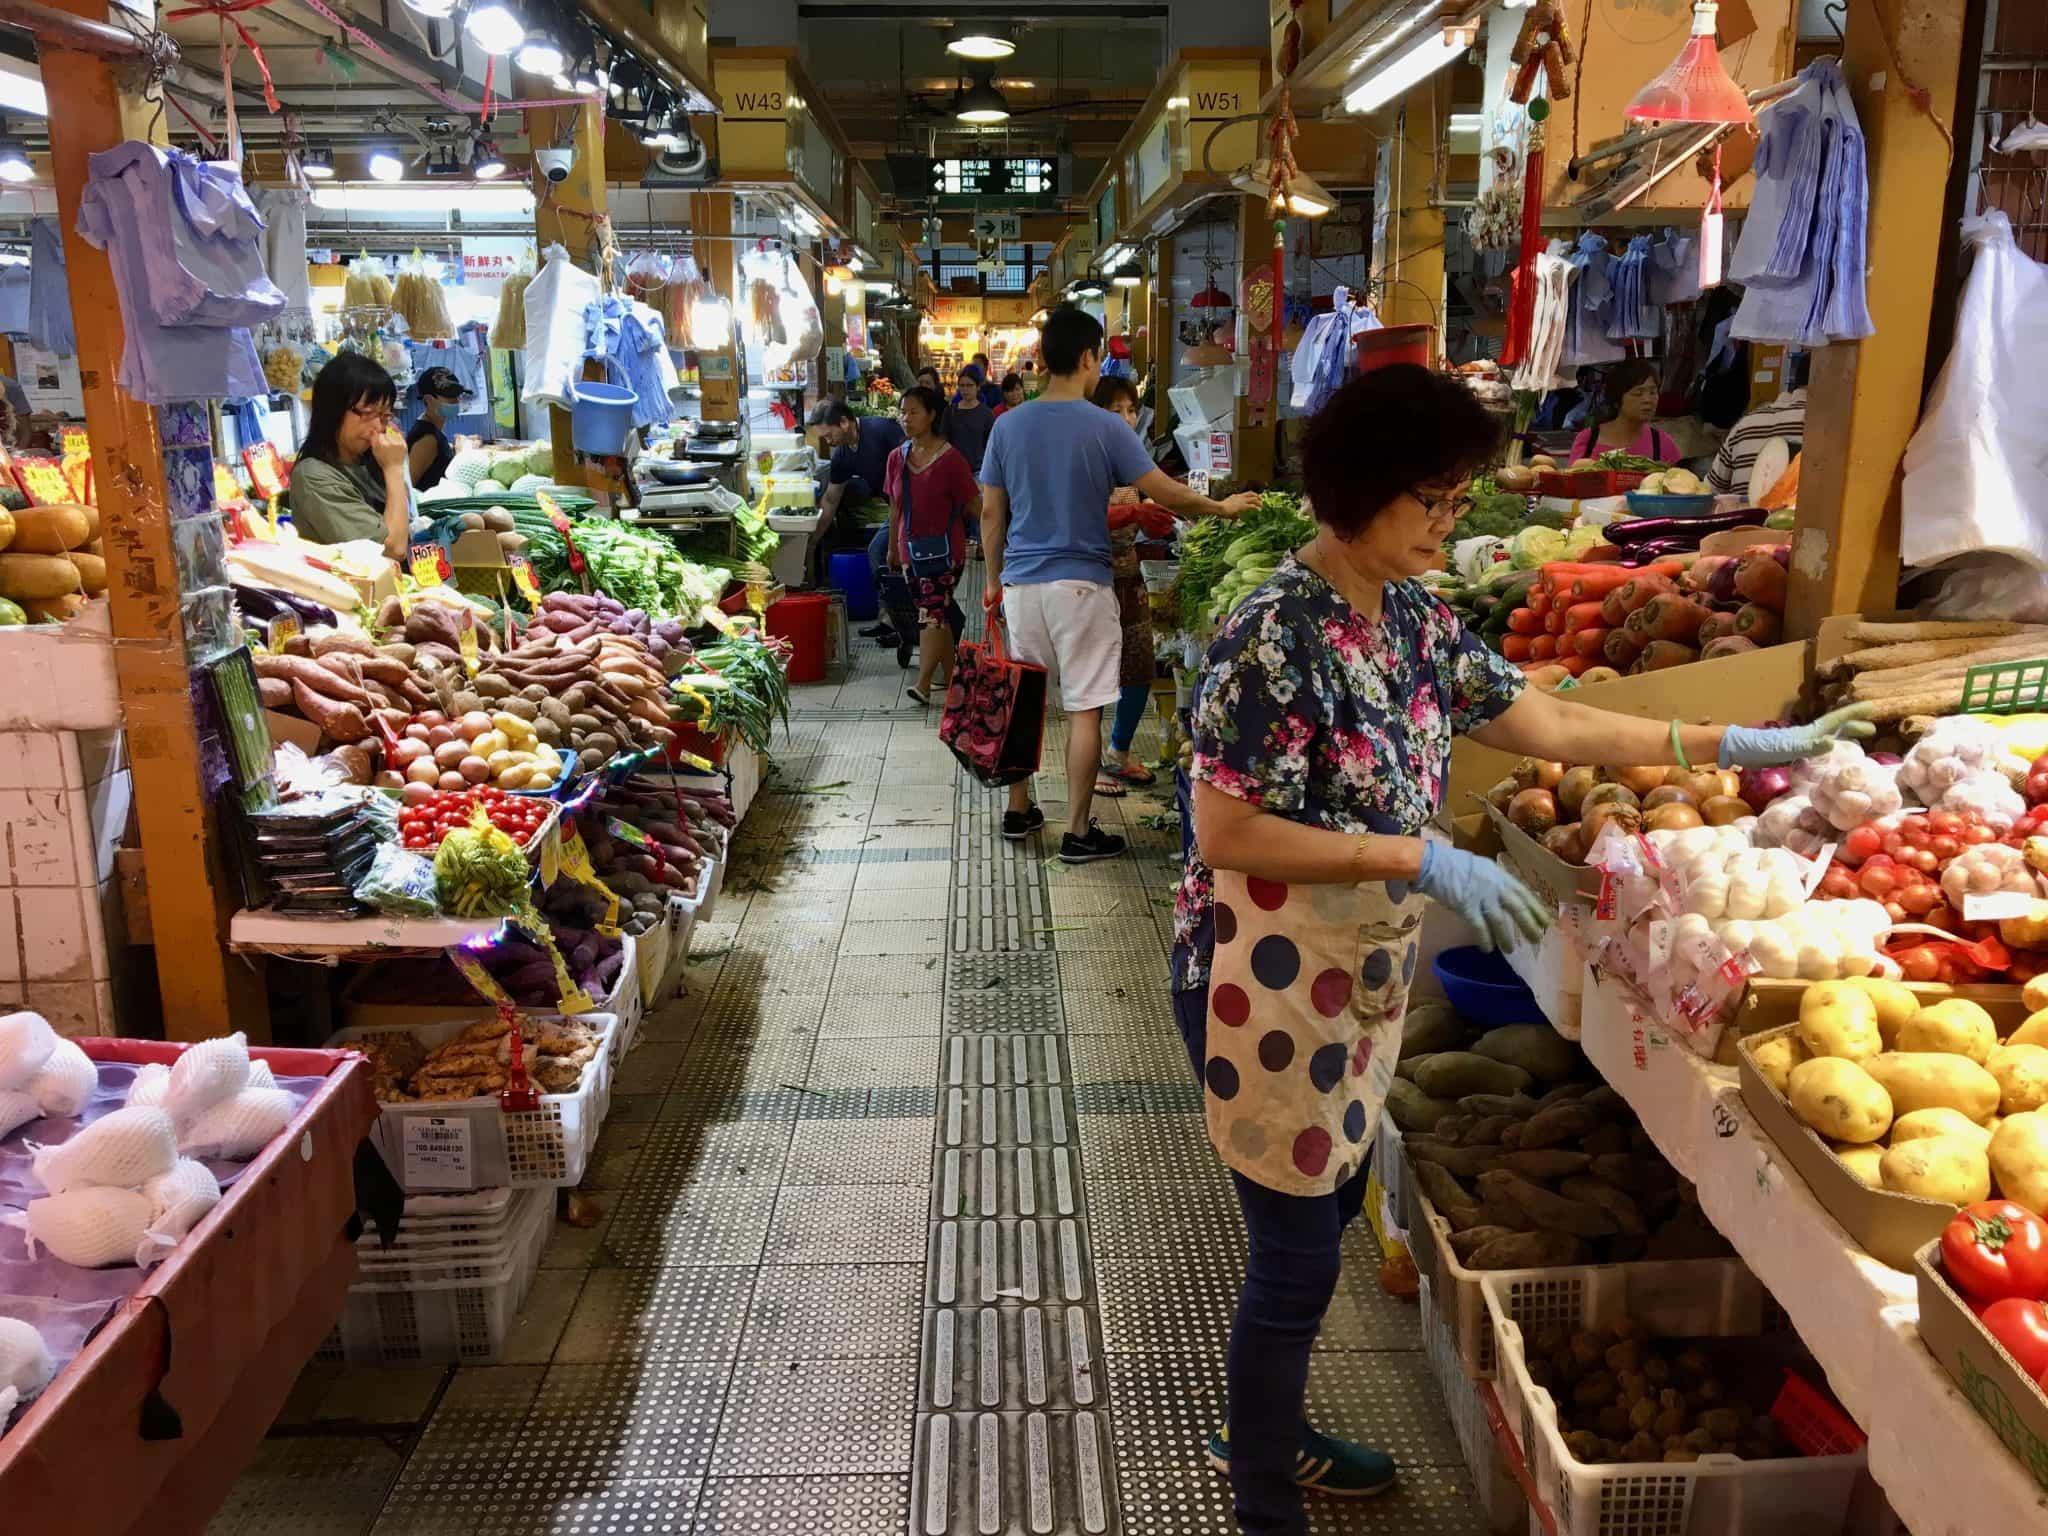 Food In Hong Kong Clean Vegetables Means Wet Floors